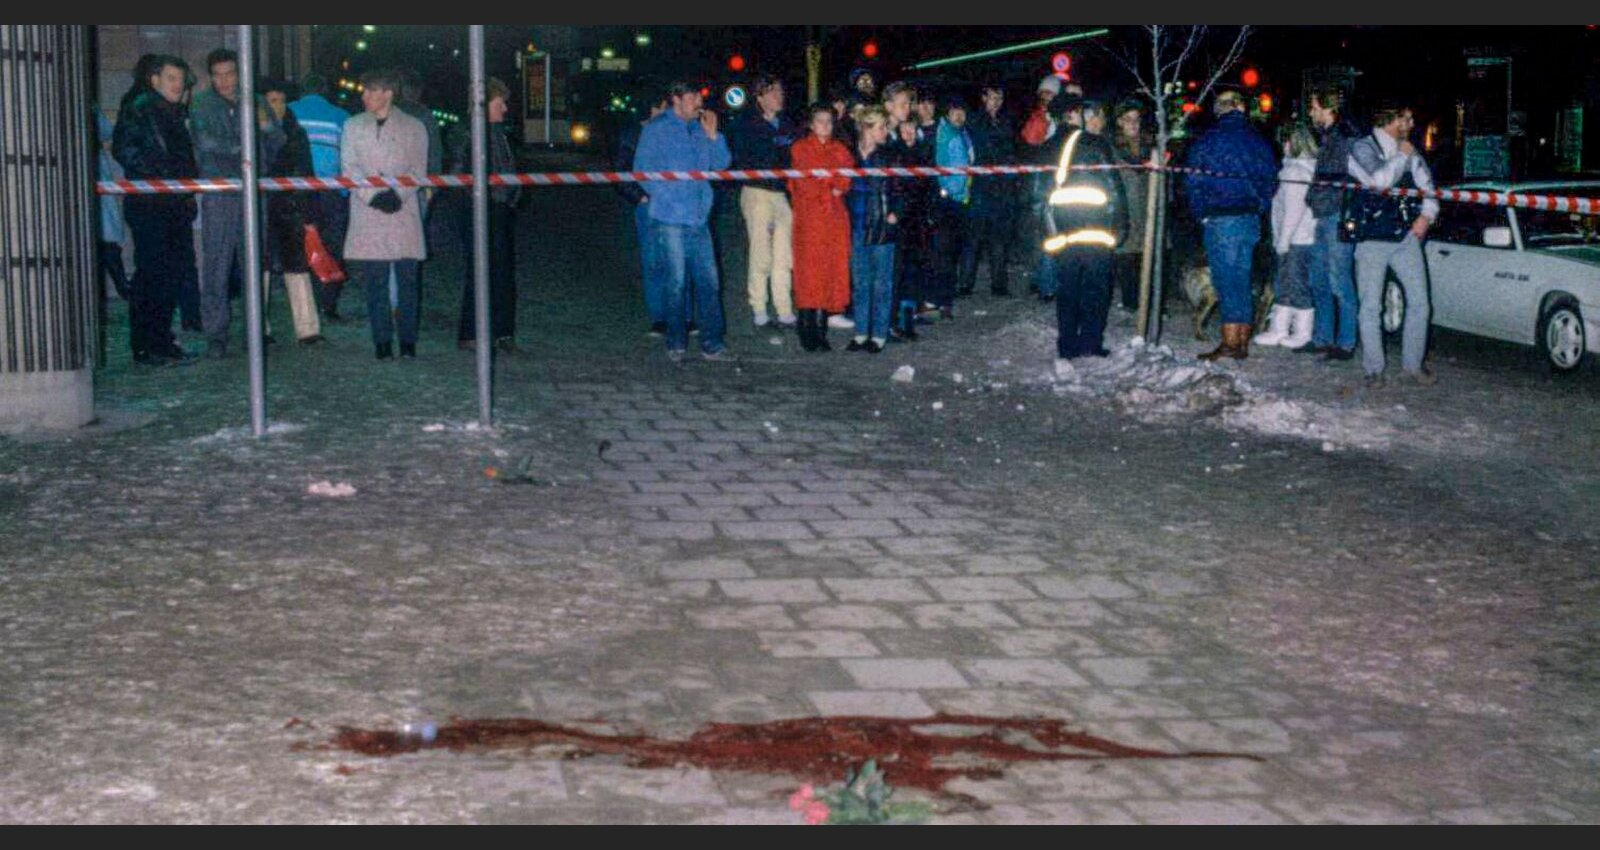 Slepkavība, kurā atzinās 130 cilvēku. Saruna ar pētnieku Jānu Stoklasu